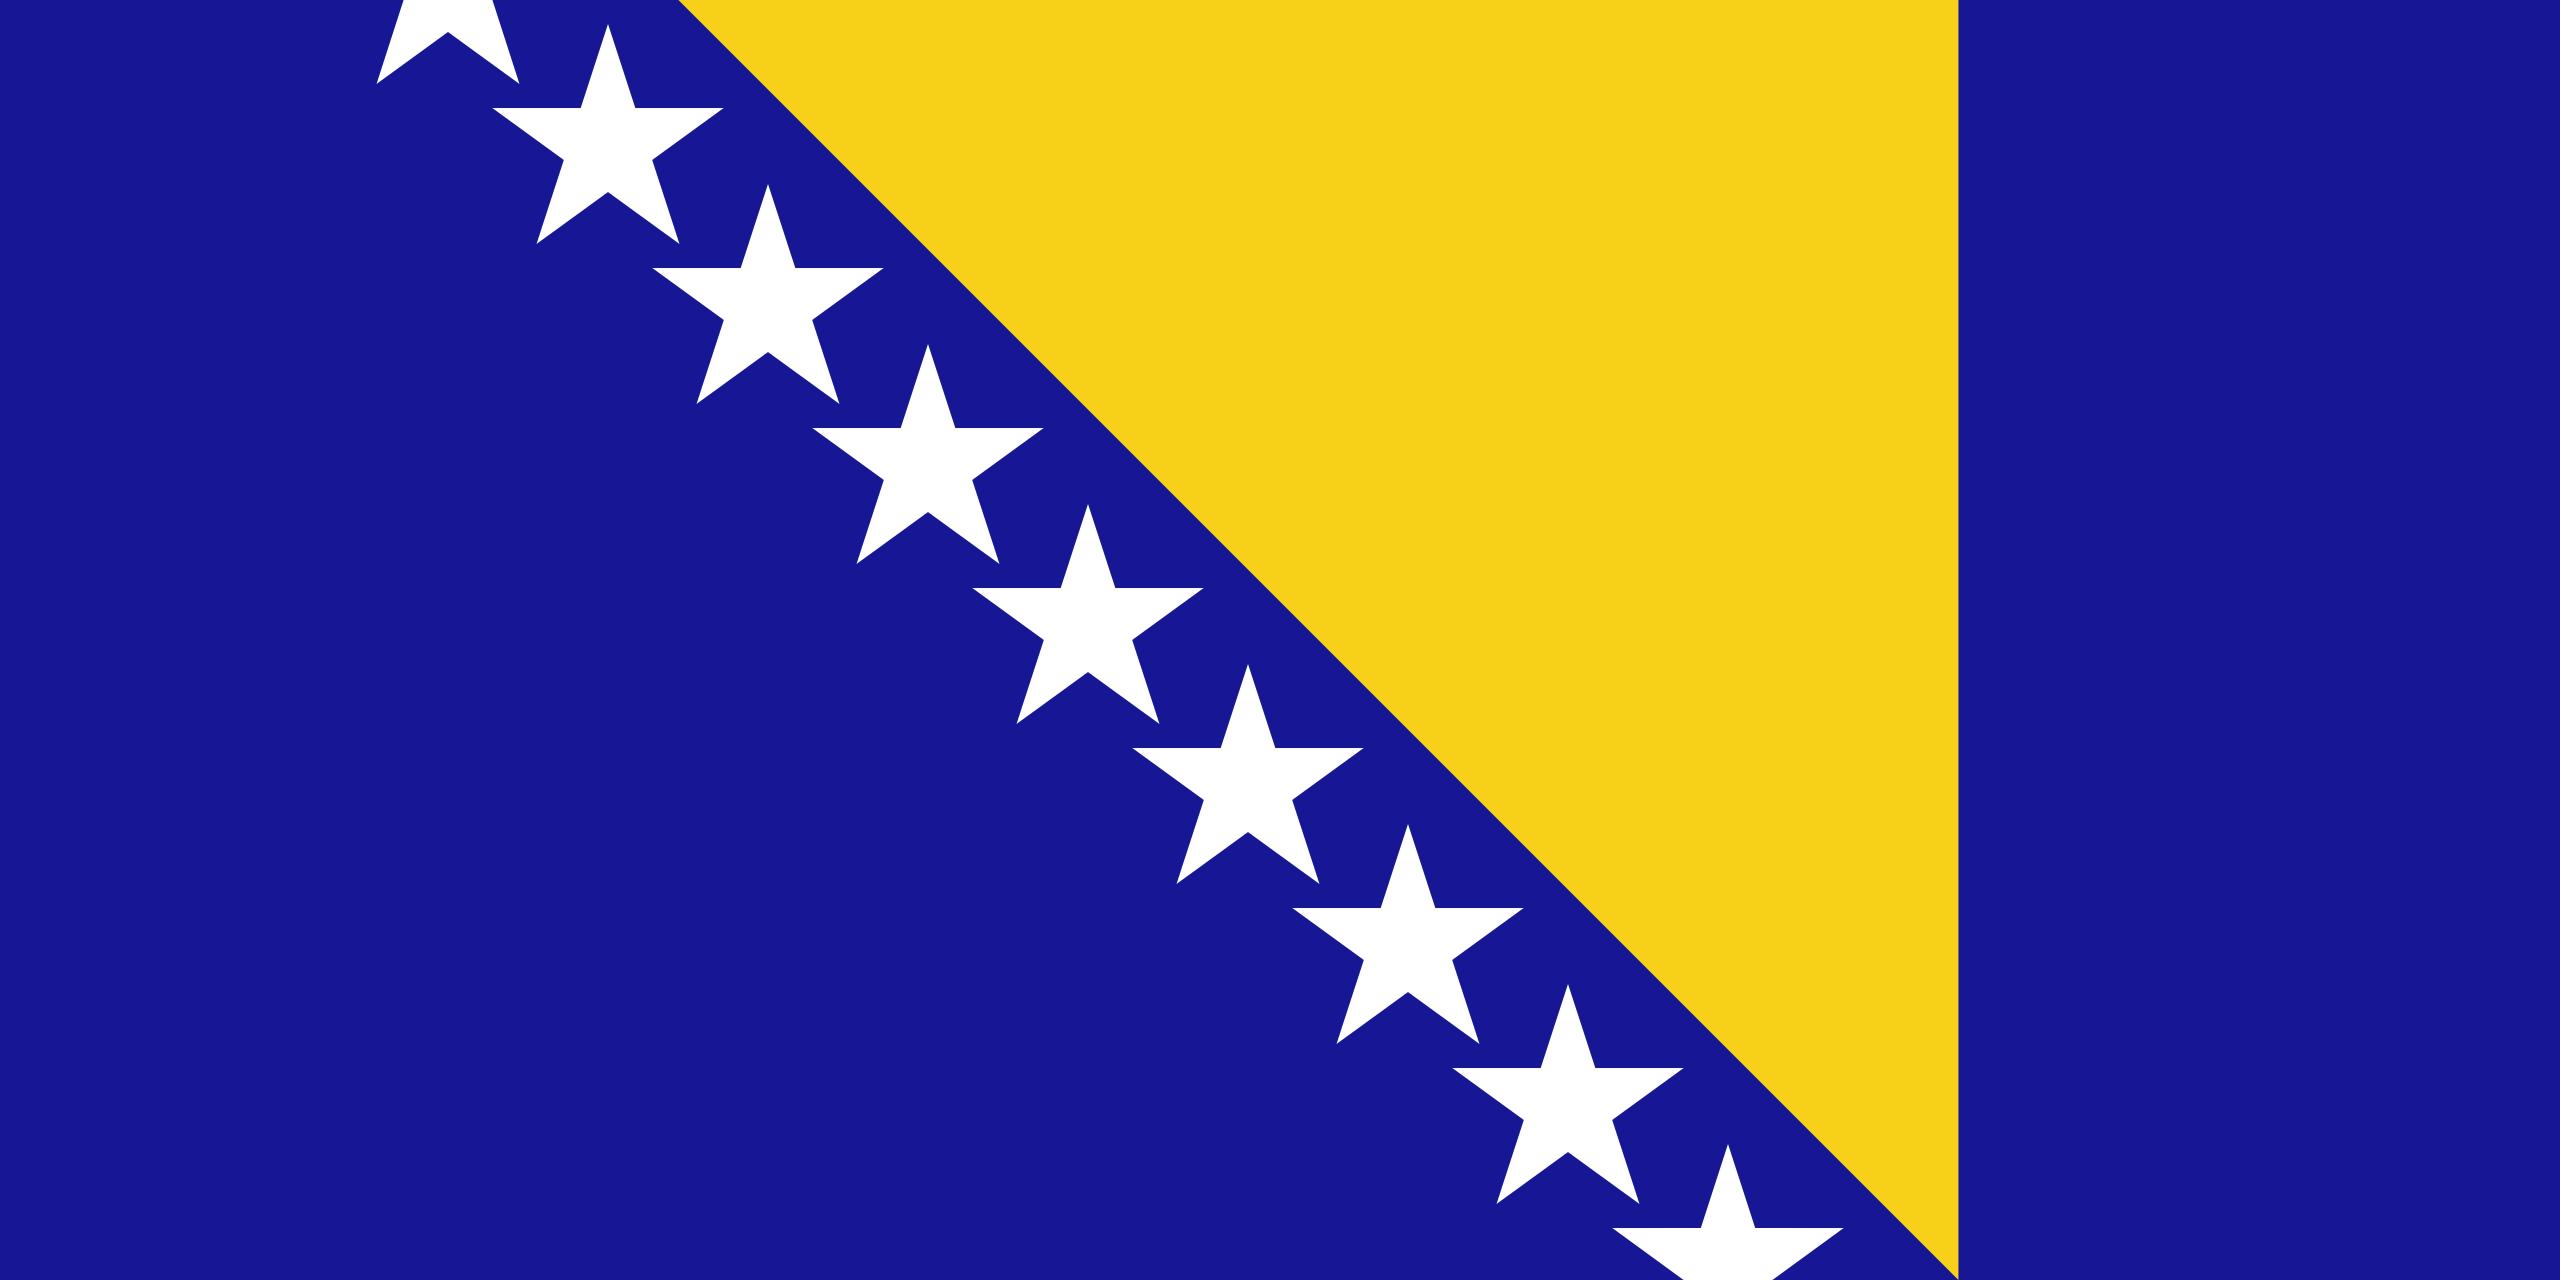 bosnia y herzegovina, 国, エンブレム, ロゴ, シンボル - HD の壁紙 - 教授-falken.com